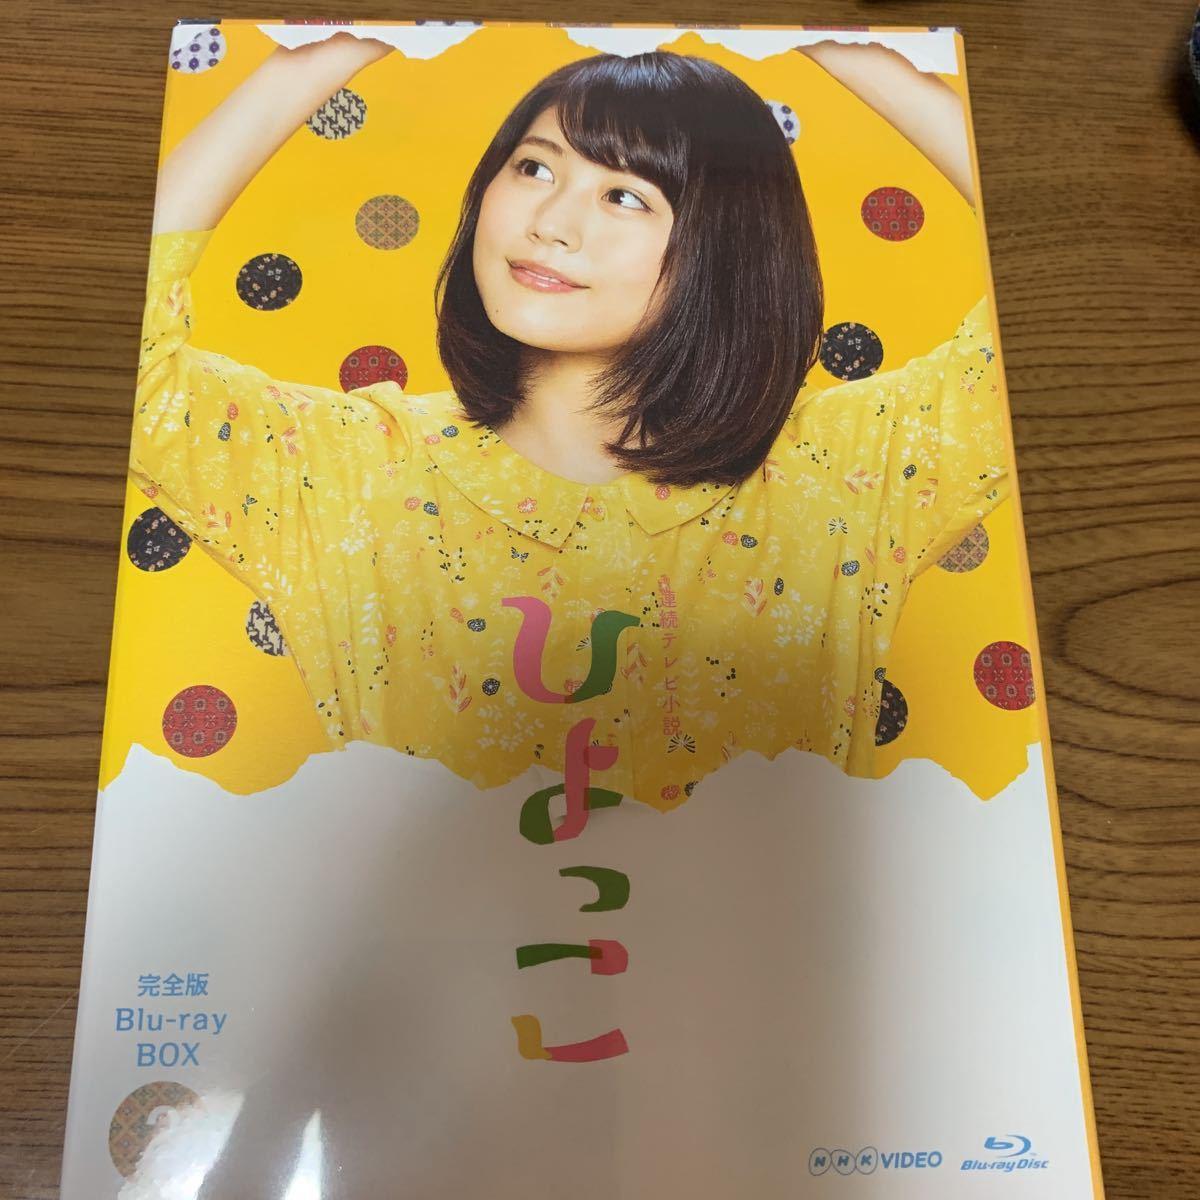 早い者勝ち!即決あり!NHK連続テレビ小説・ひよっこ~有村架純~完全版Blu-ray BOX2~新品未開封~